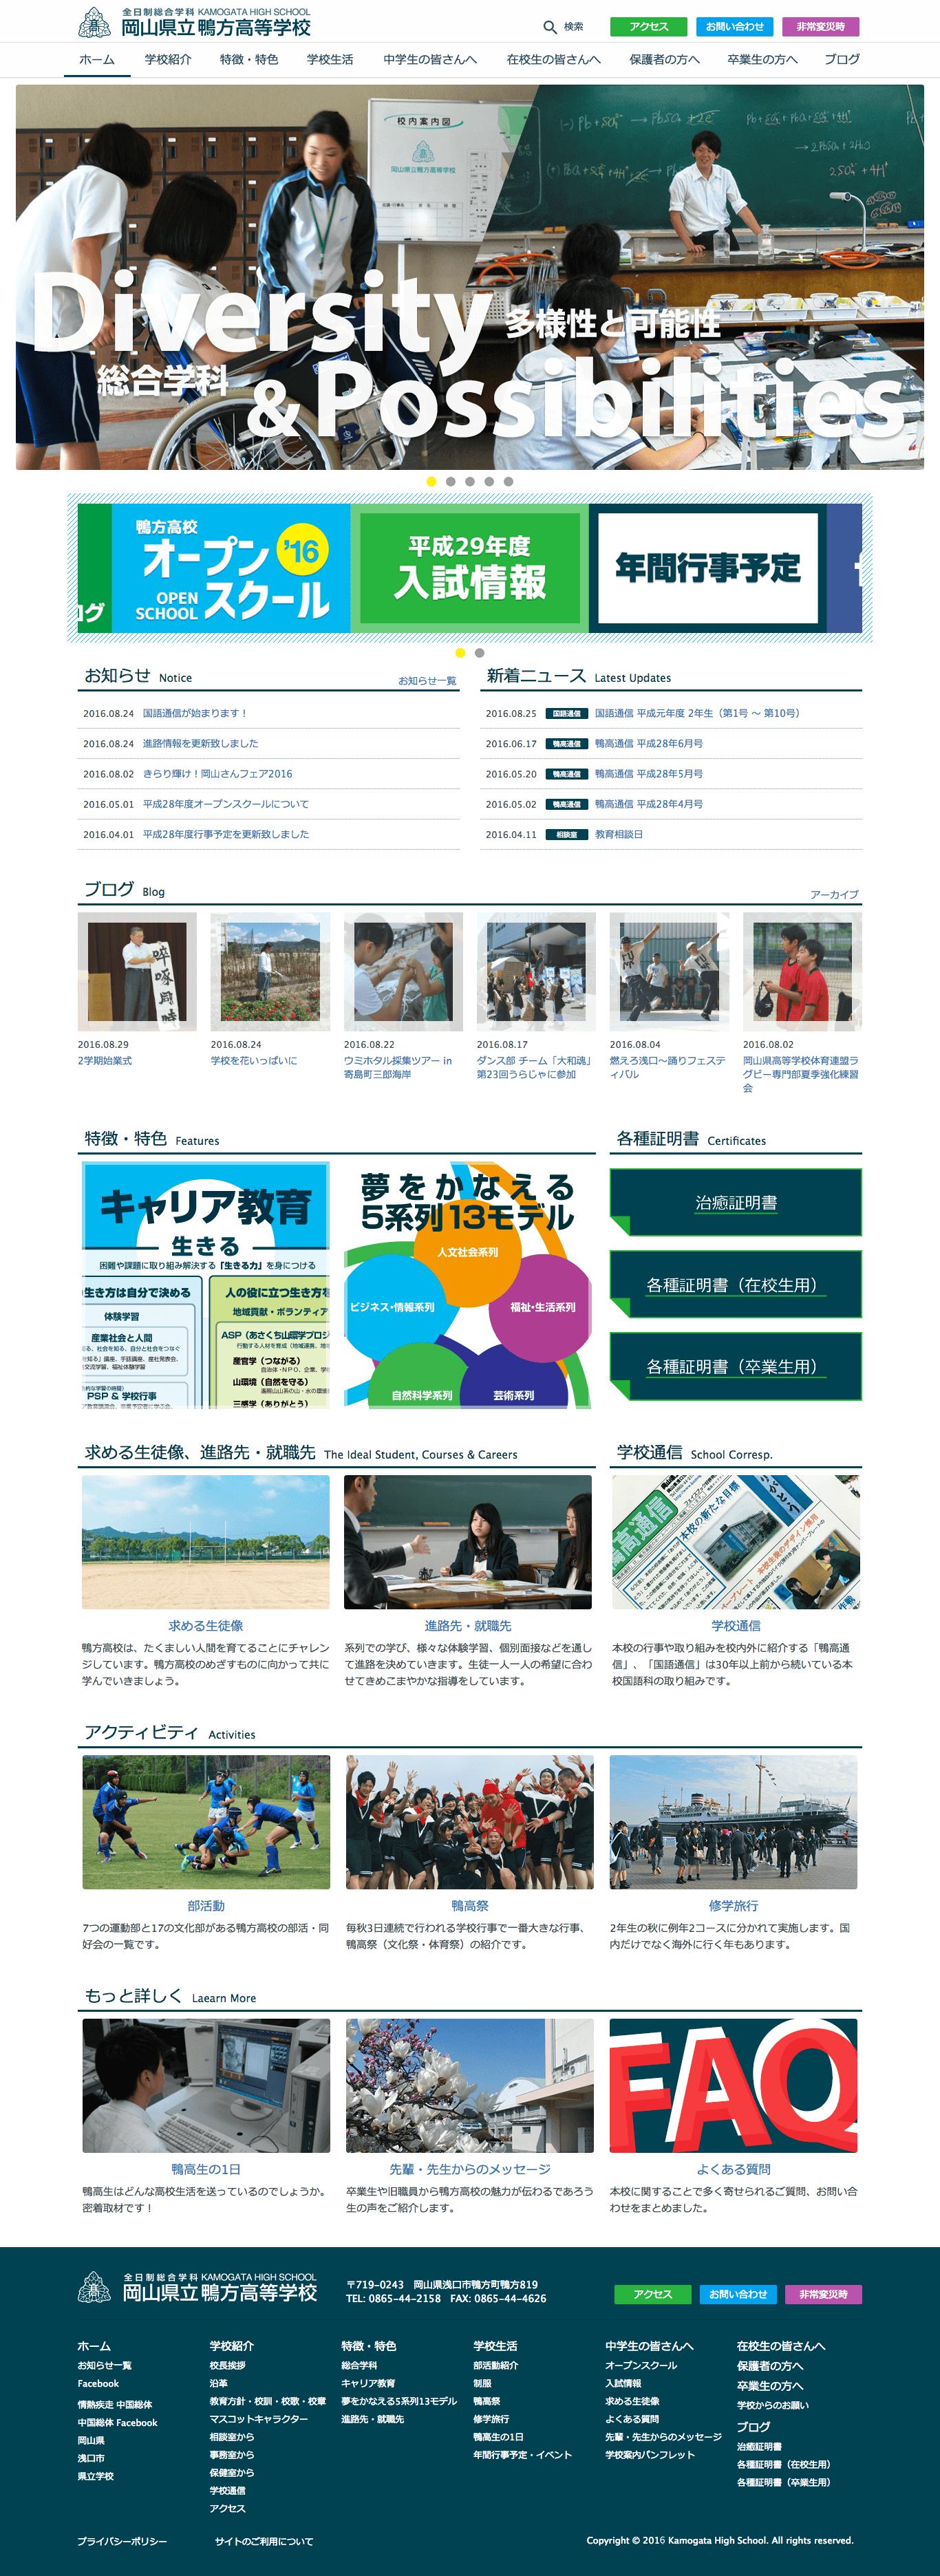 ホームページ作成 実績 鴨方高校ホームページ トップページ